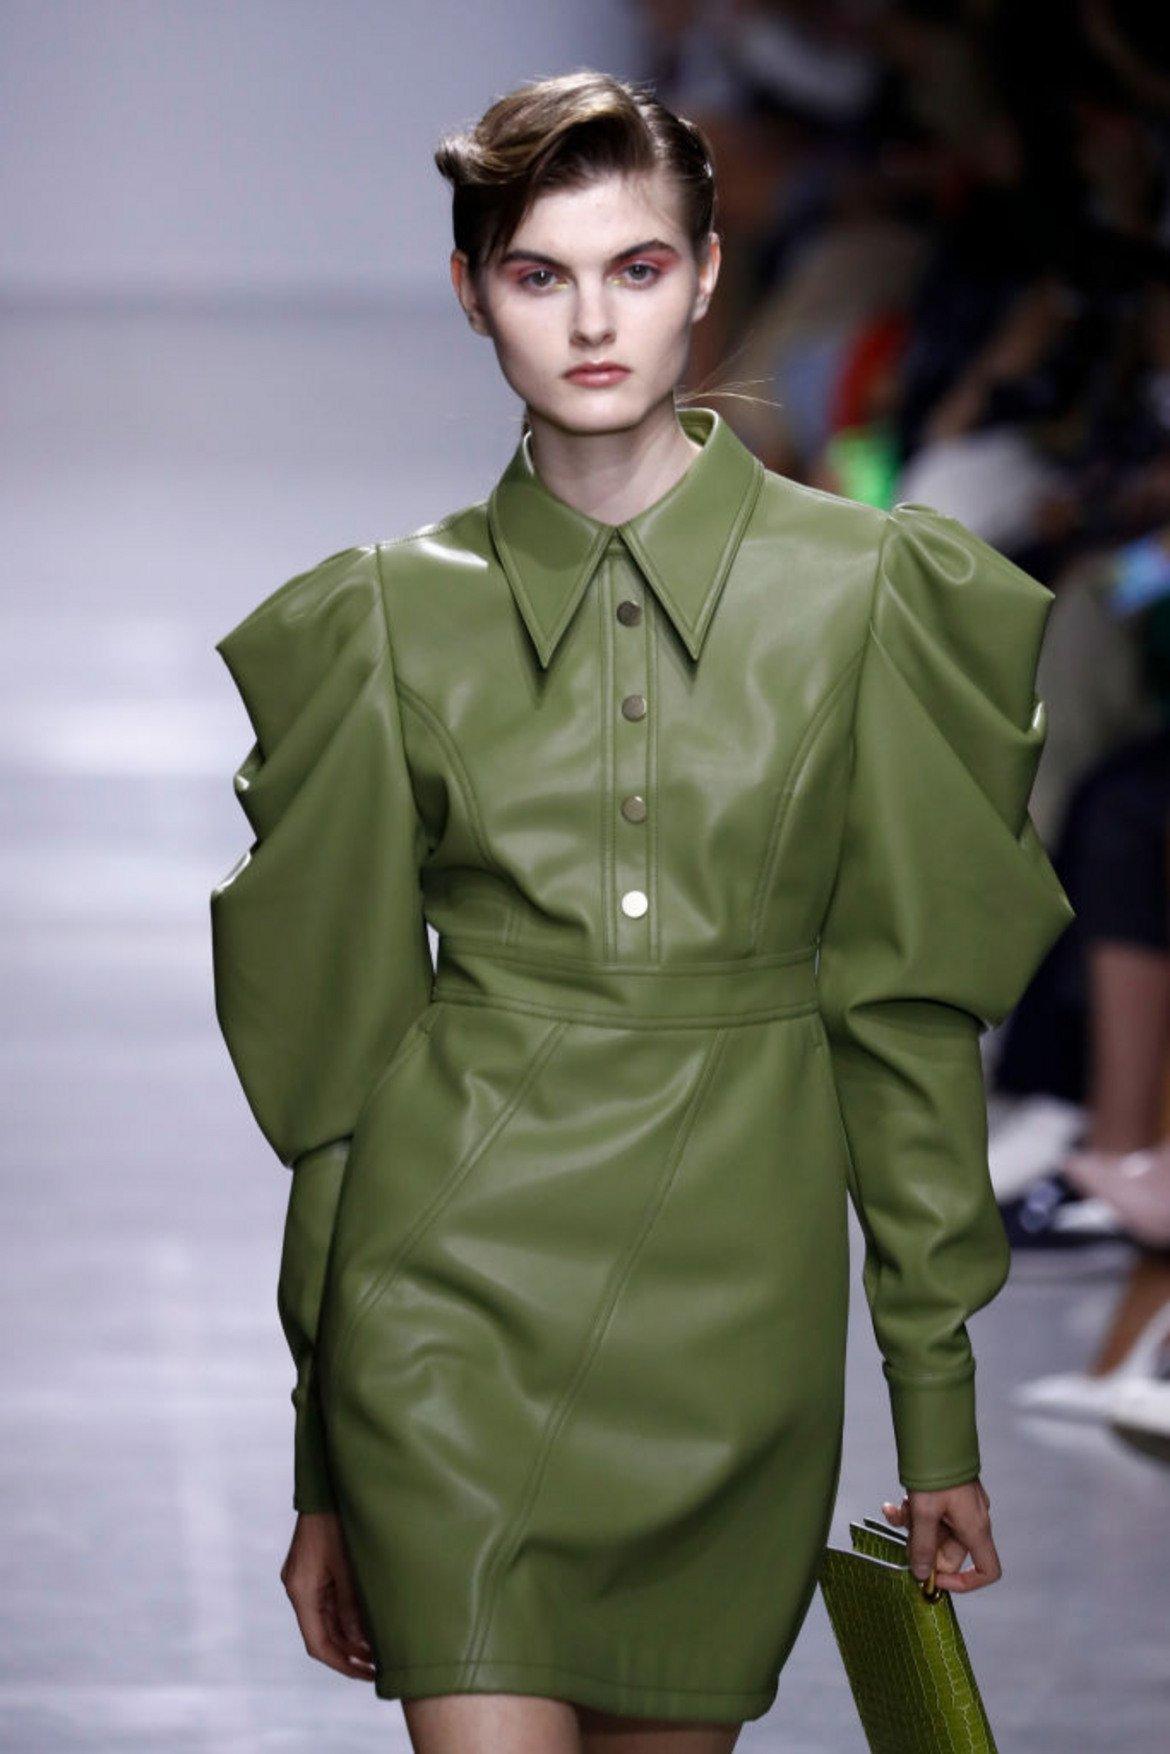 И е много подходящ да е в кожена връхна дреха, както видяхме и от модния подиум.   Модел на Annakiki от Седмицата на модата в Милано през септември 2019 г.